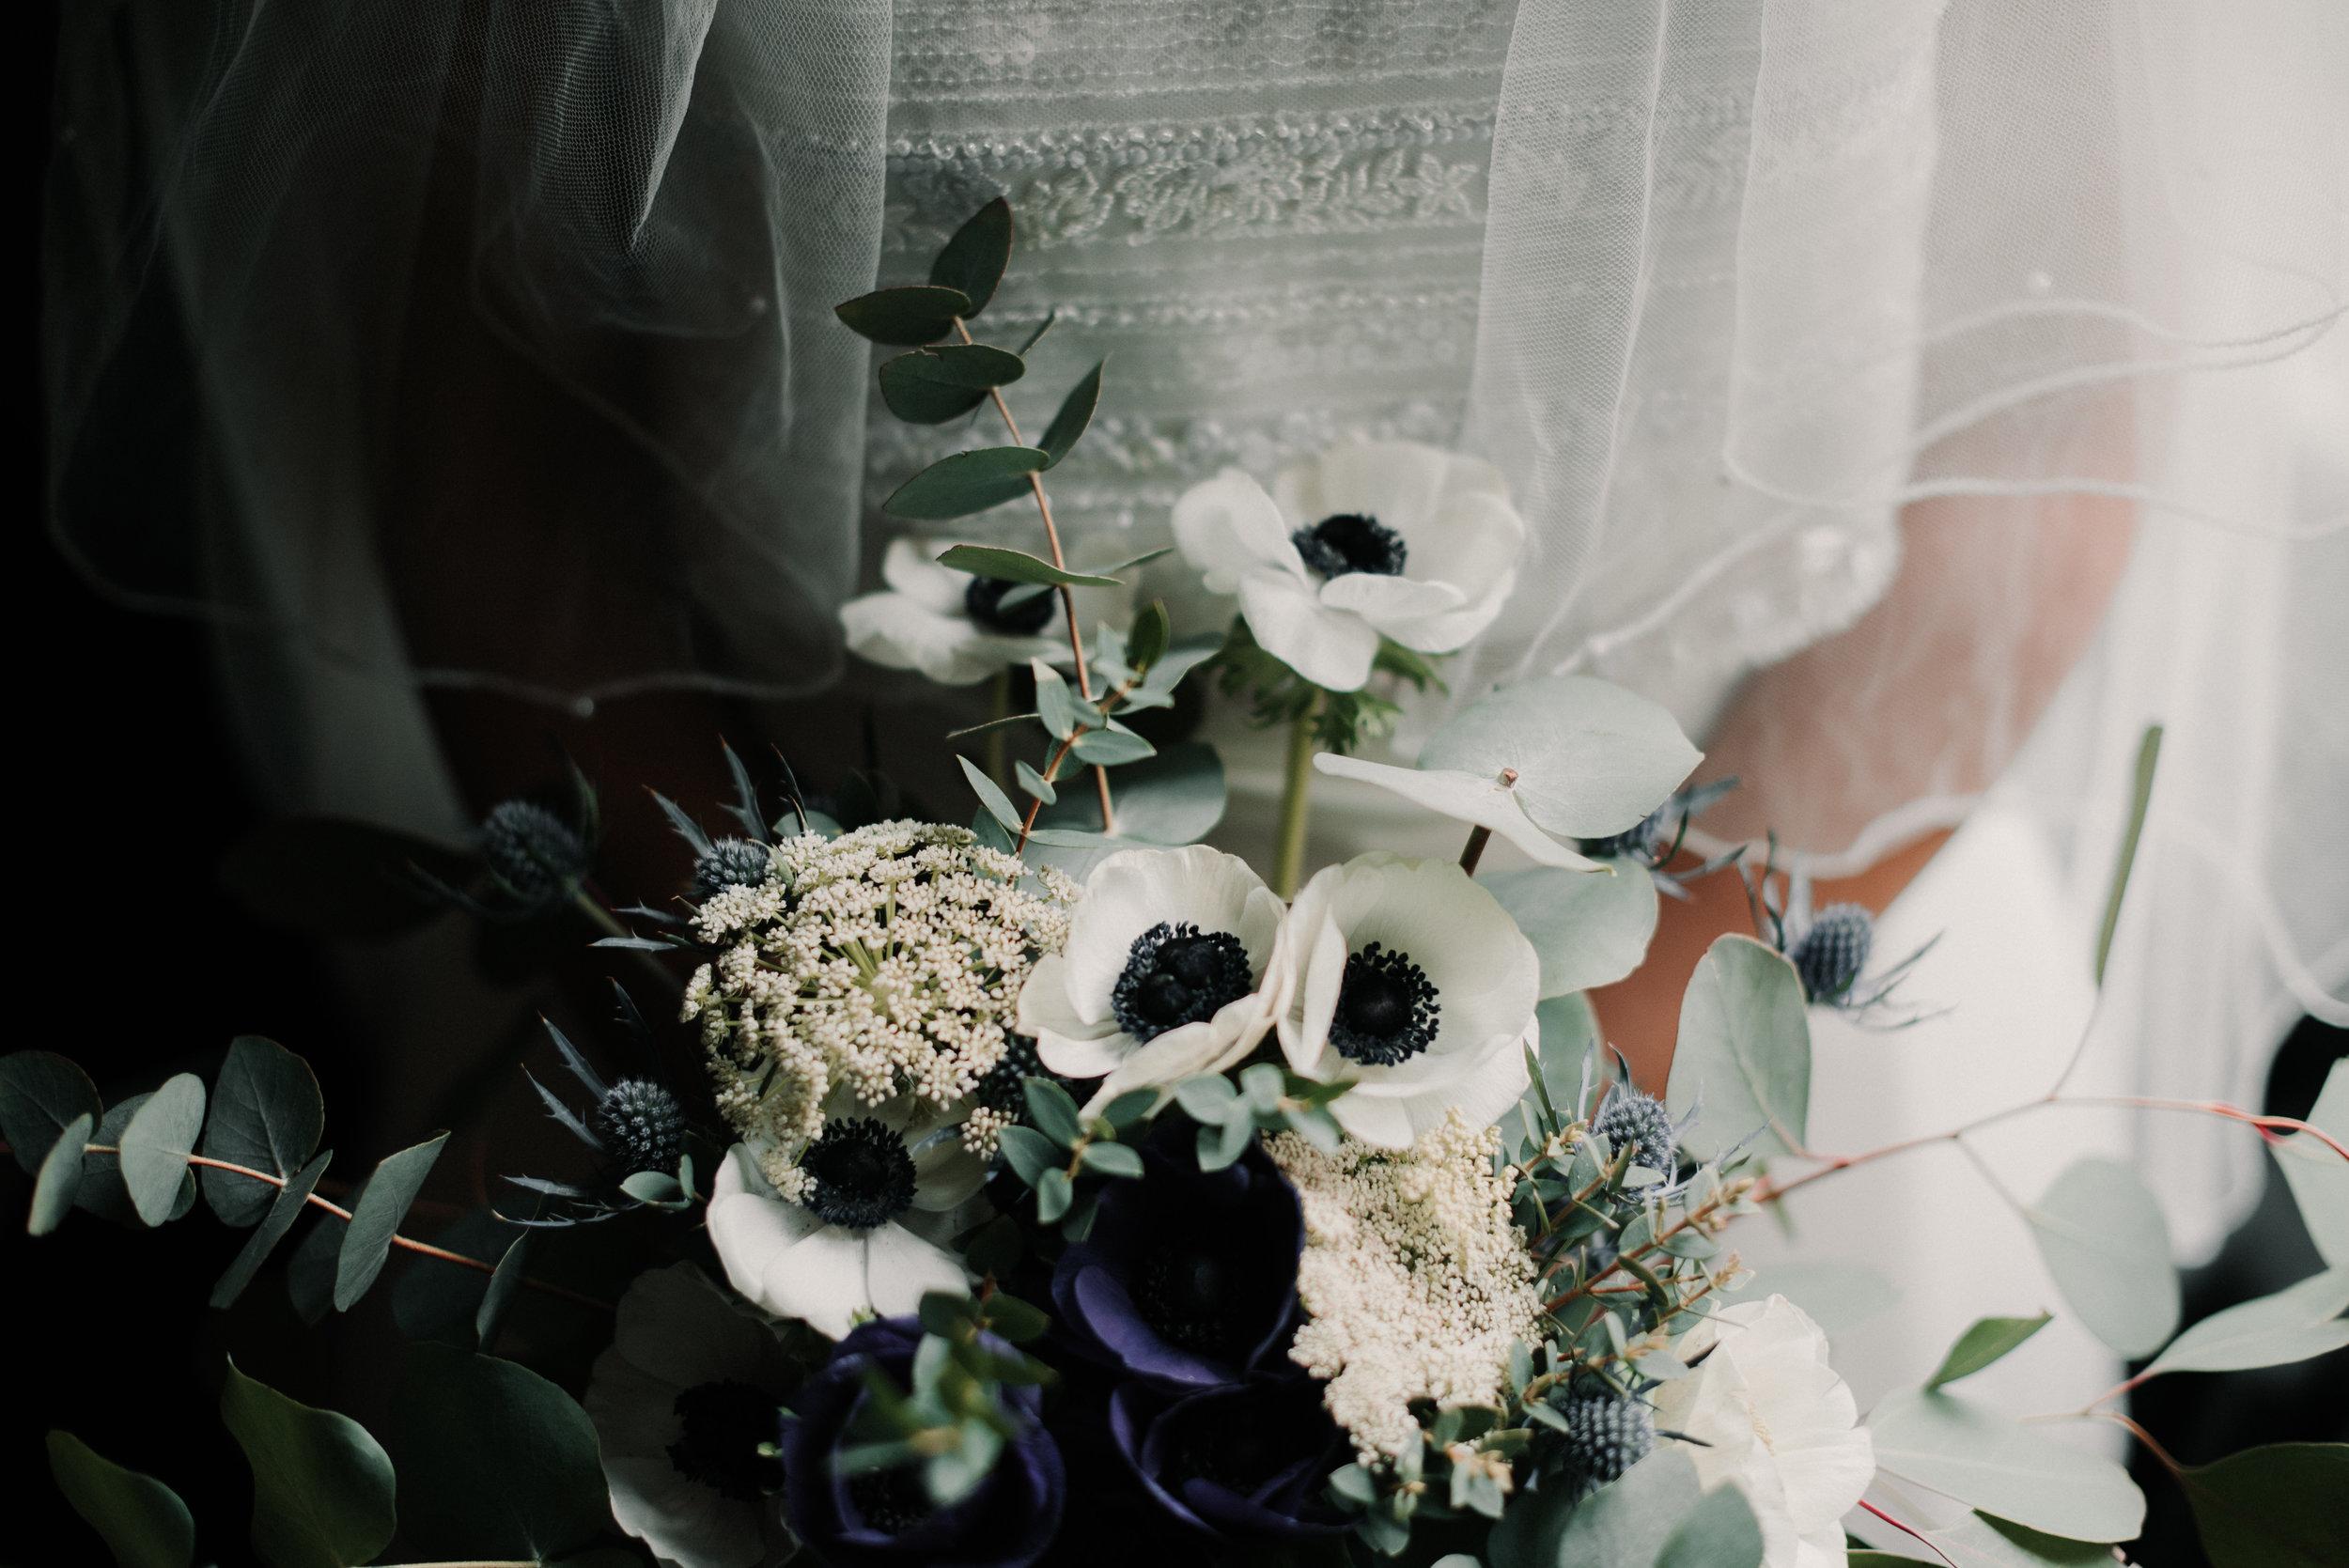 Léa-Fery-photographe-professionnel-lyon-rhone-alpes-portrait-creation-mariage-evenement-evenementiel-famille-3453.jpg